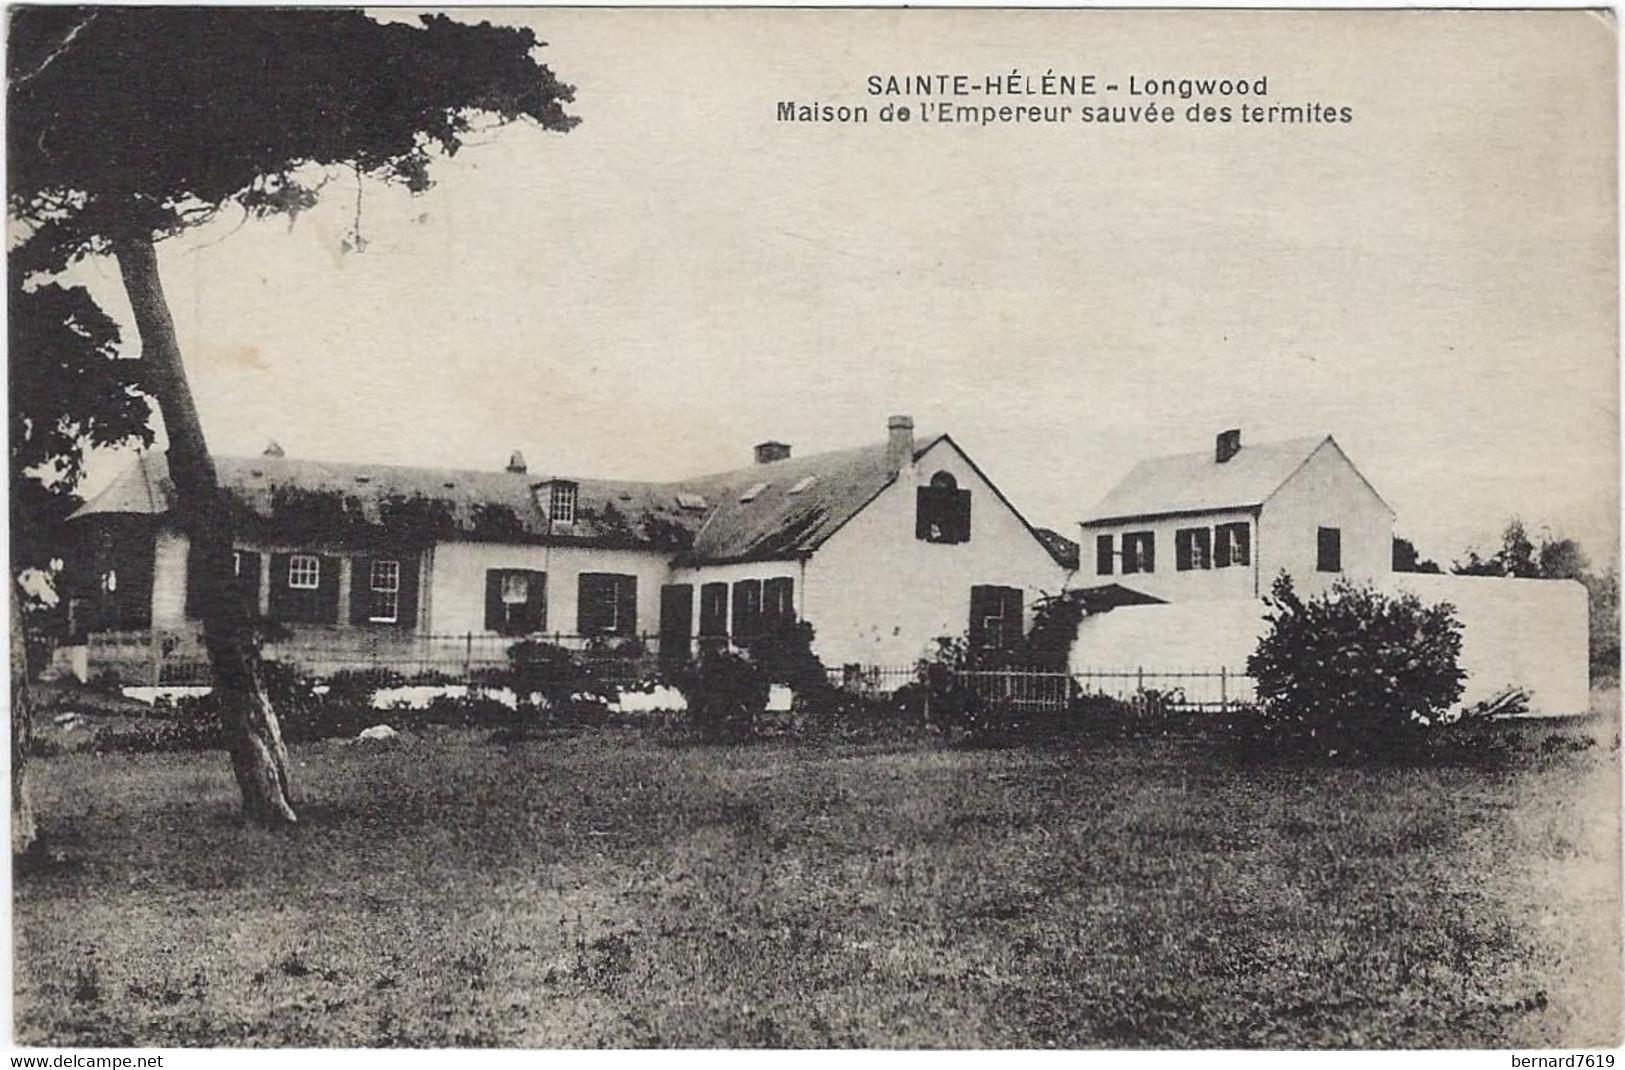 Afrique Sainte Helene - Longwood   - Maison De L'empereur Sauvee Des Termites -  Publicite Decamps 33 Bordeaux - Saint Helena Island